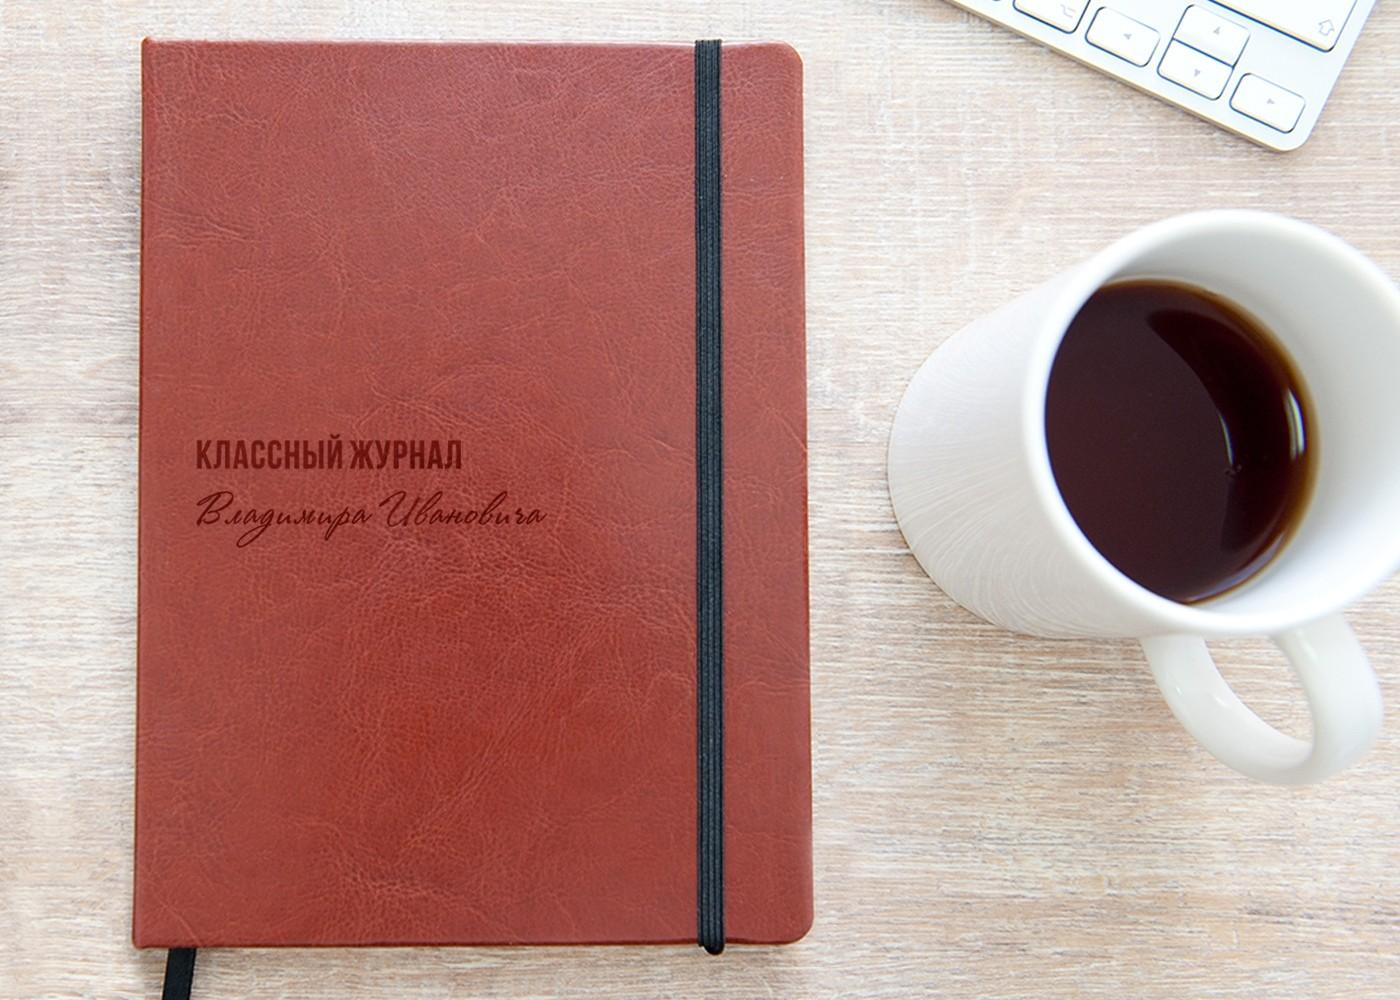 Записная книжка «Классный журнал» с гравировкой